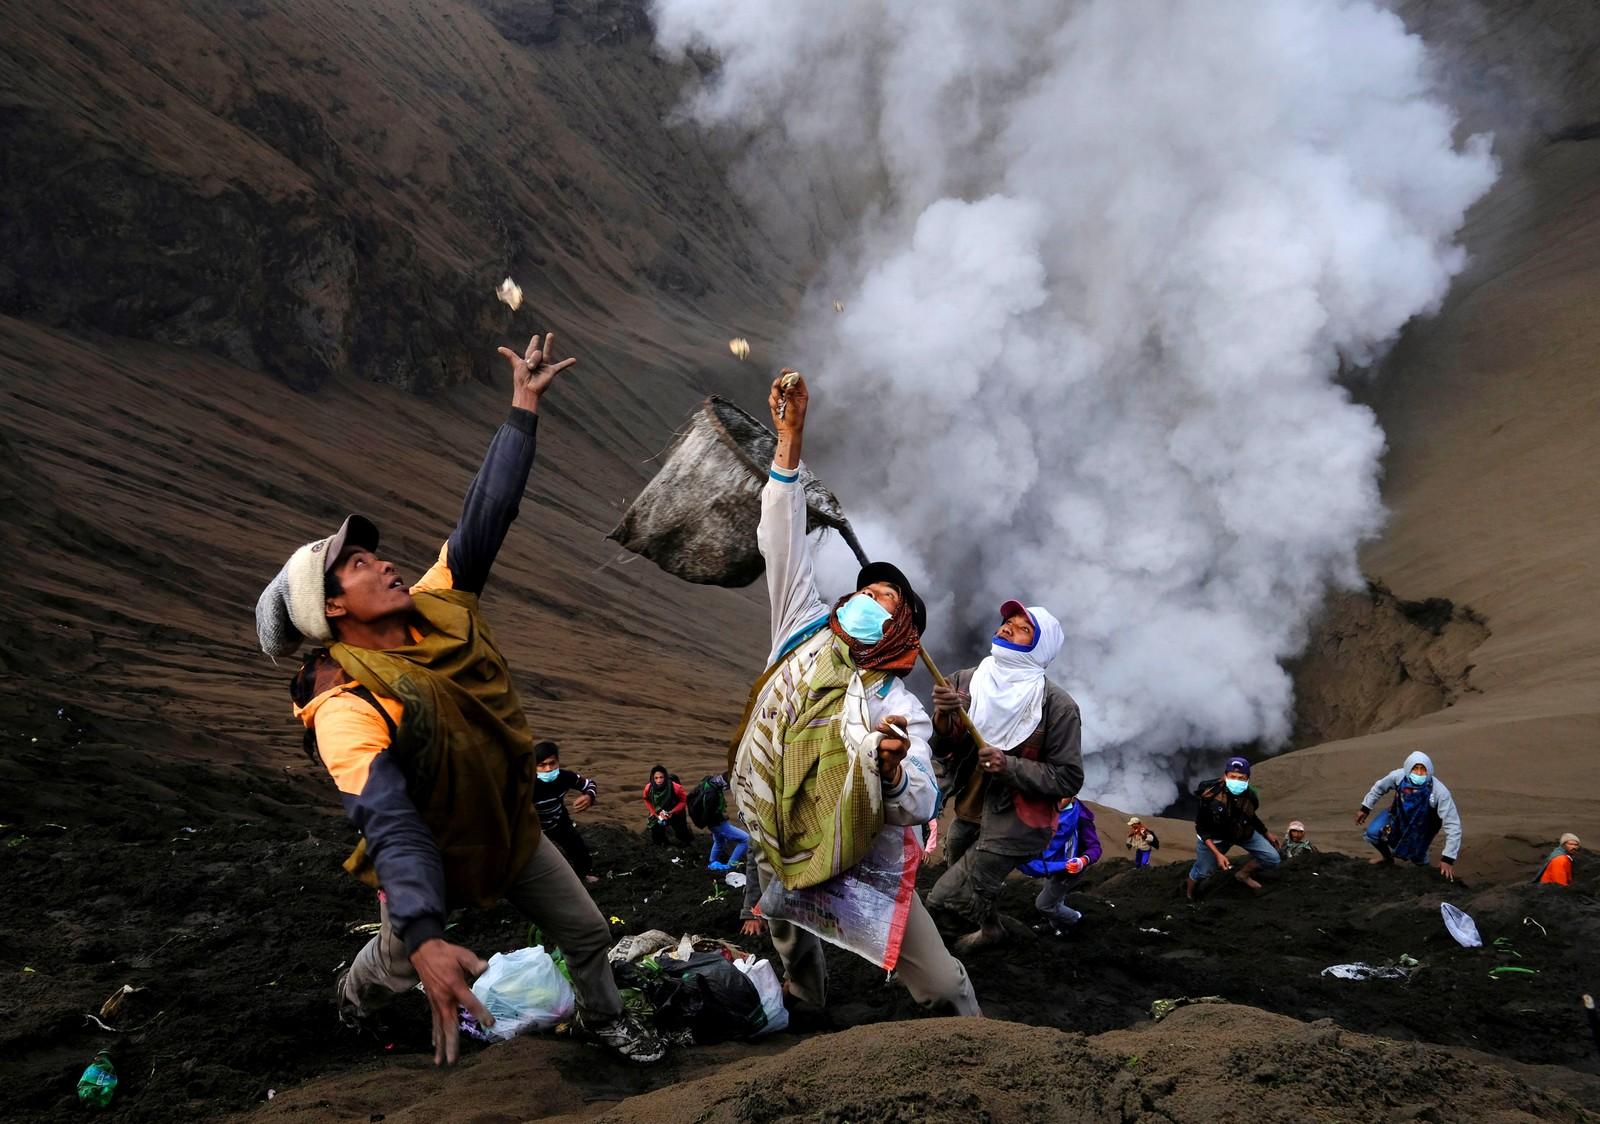 Indonesia den 21. juli. Mennesker står i skråningen til vulkanen Bromo, og forsøker å få tak i penger og andre offergaver som hinduer kaster ned i vulkanen under den religiøse høytiden kalt Kasada. Vulkanen er aktiv og hadde det siste utbruddet den 11. juli.